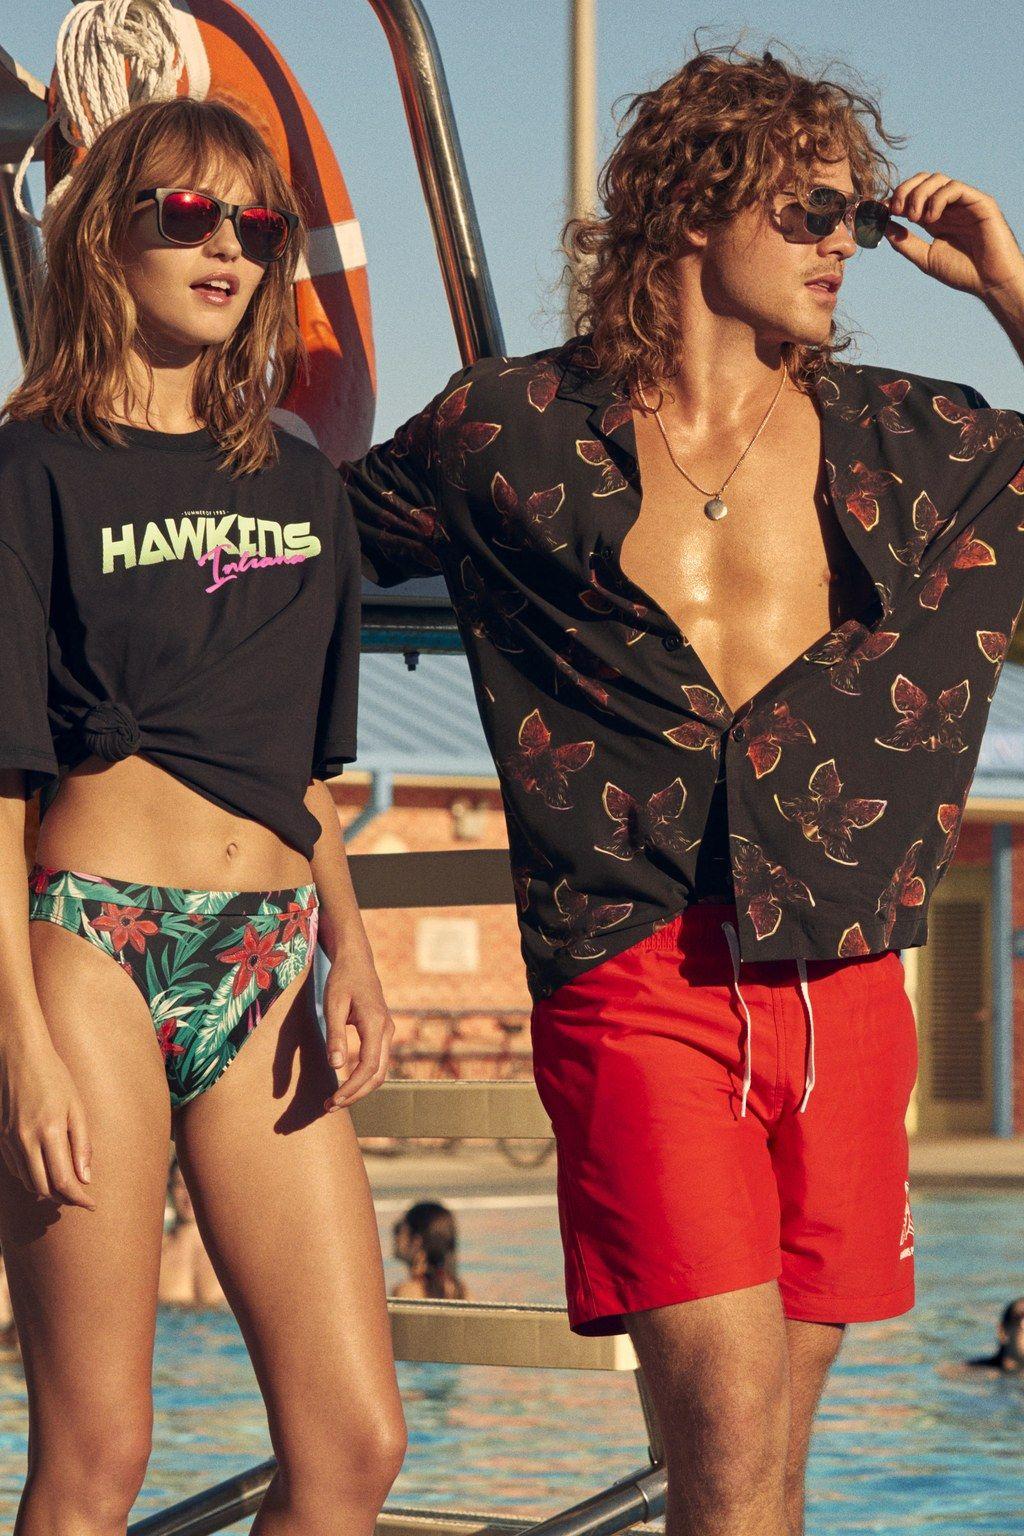 H&M x Stranger Things : et si on s'habillait comme dans la série ? | Style des années 1980 ...